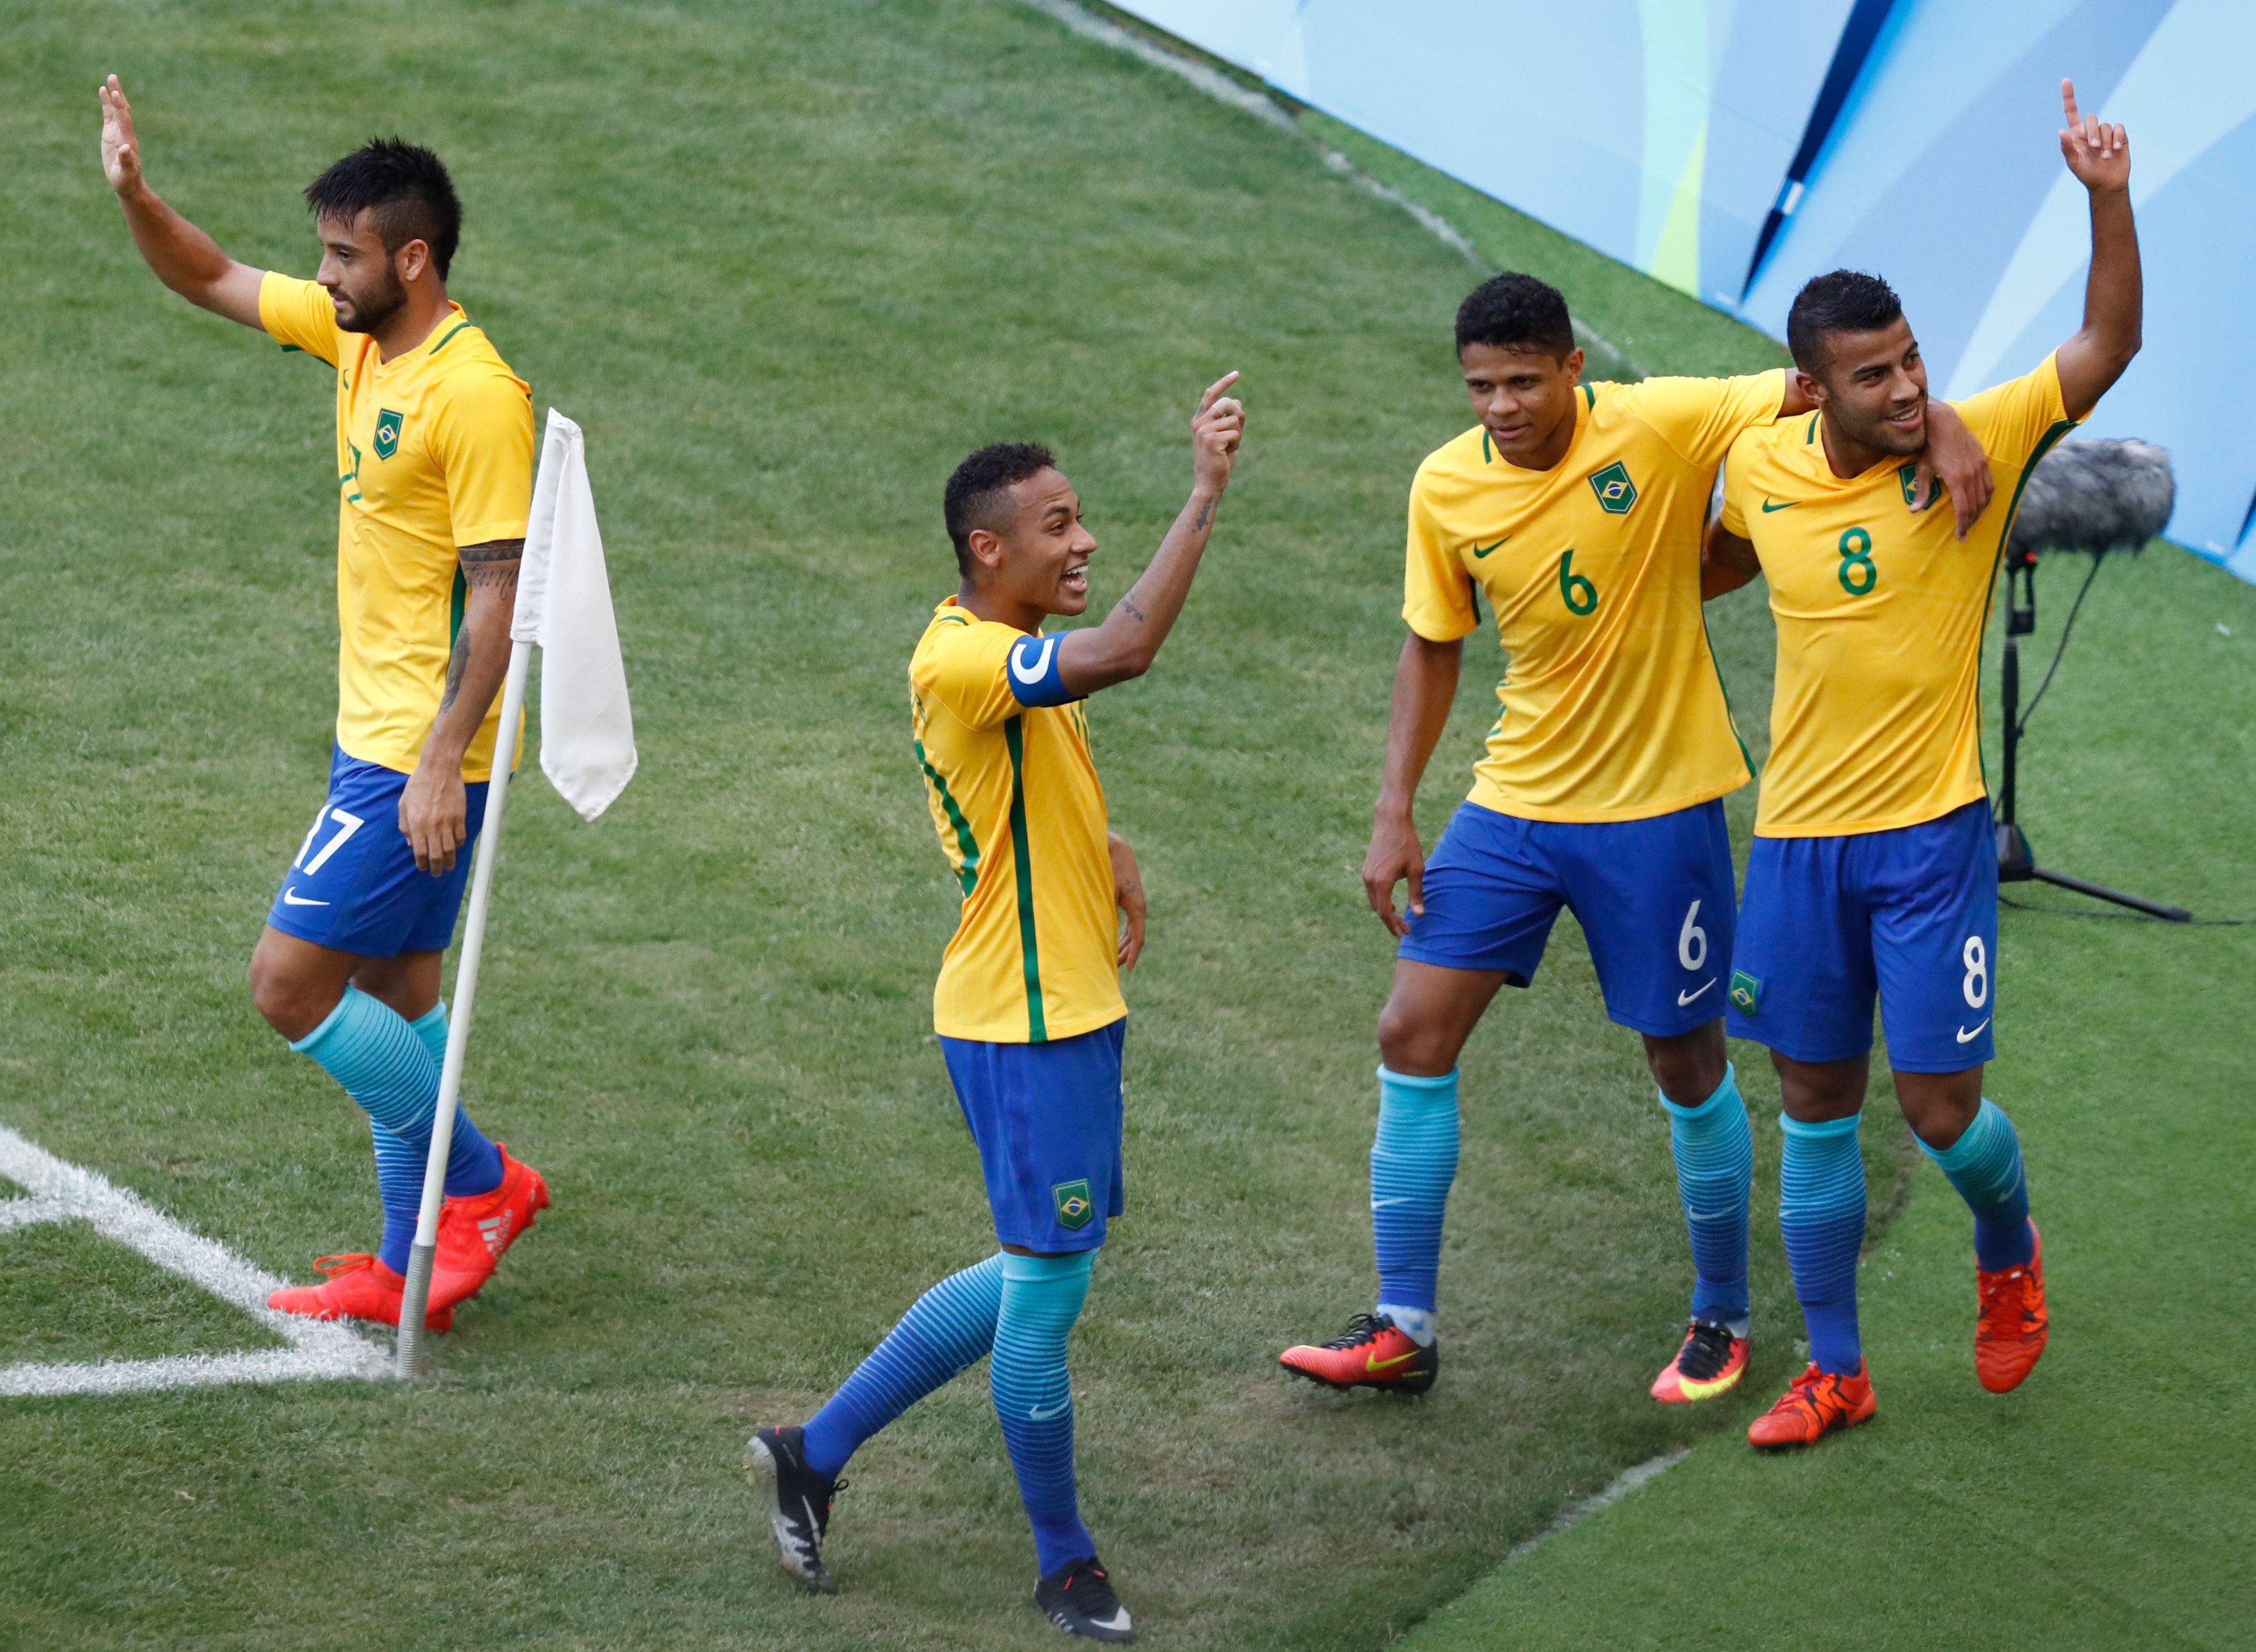 Brasil aplastó a Honduras e irá por su primera medalla dorada en fútbol de su historia